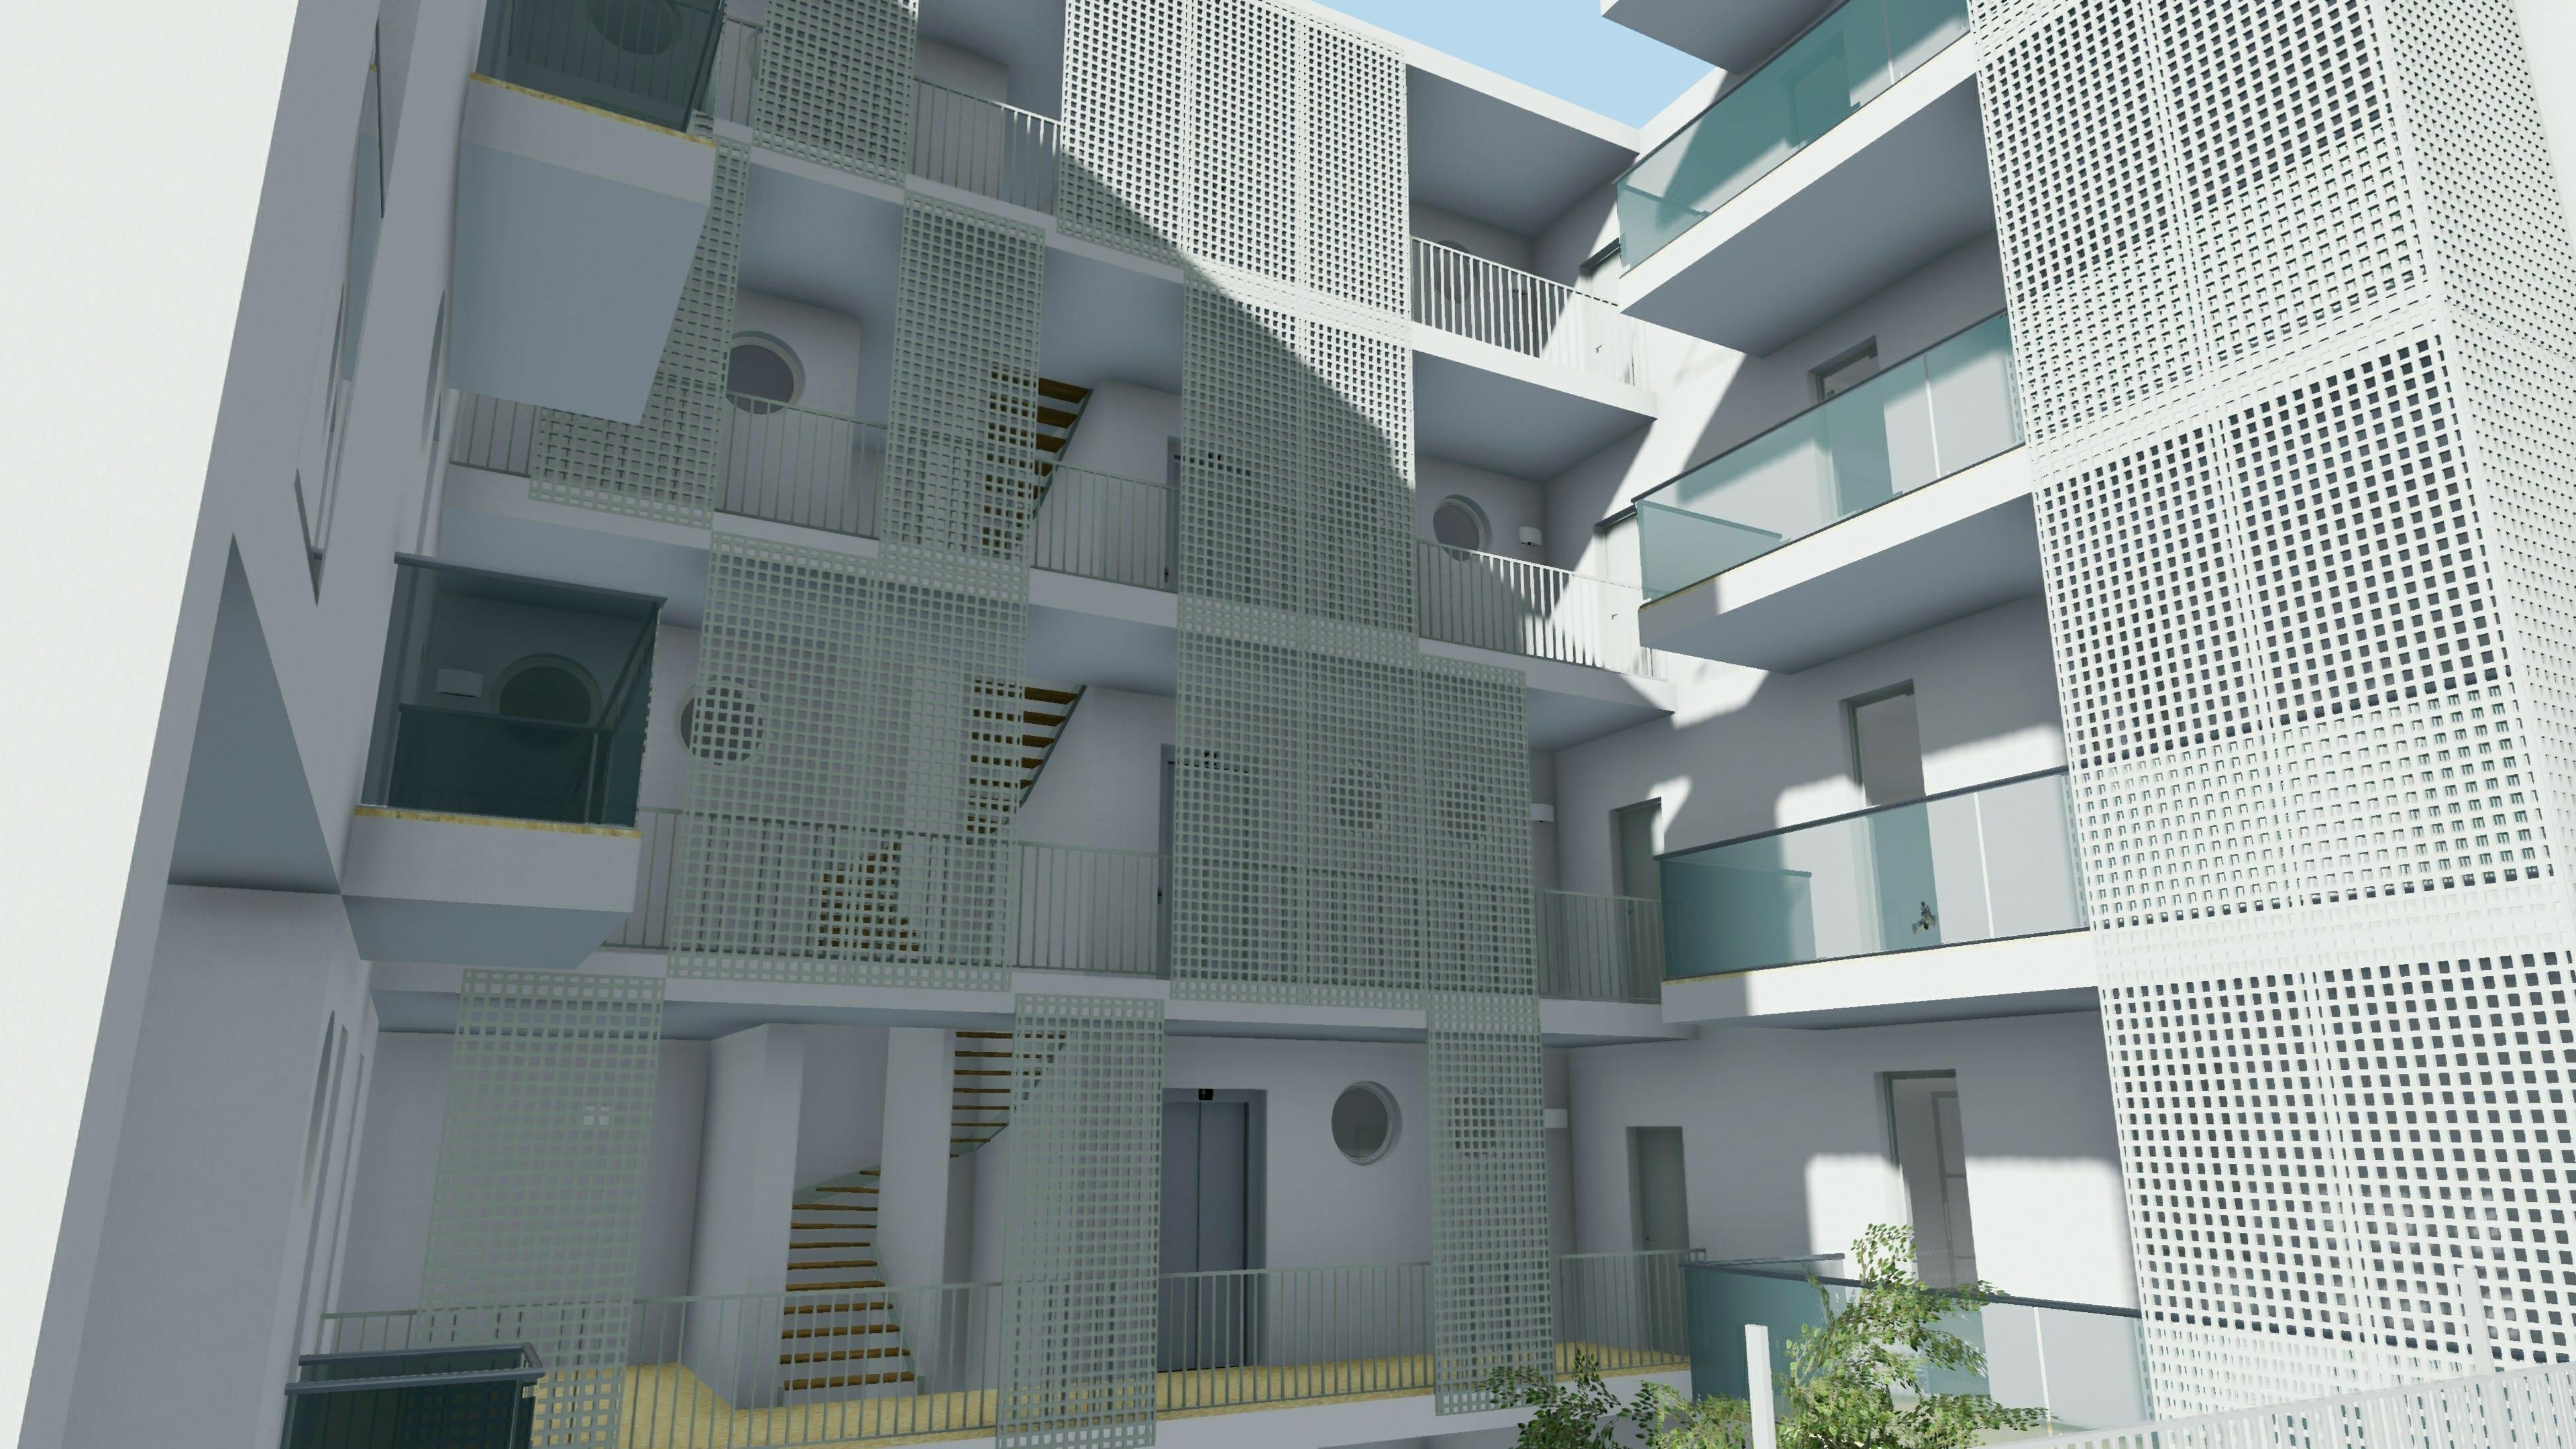 Architetti Famosi Lecce casa di ringhiera, progetti famosi, disegni e modelli 3d da